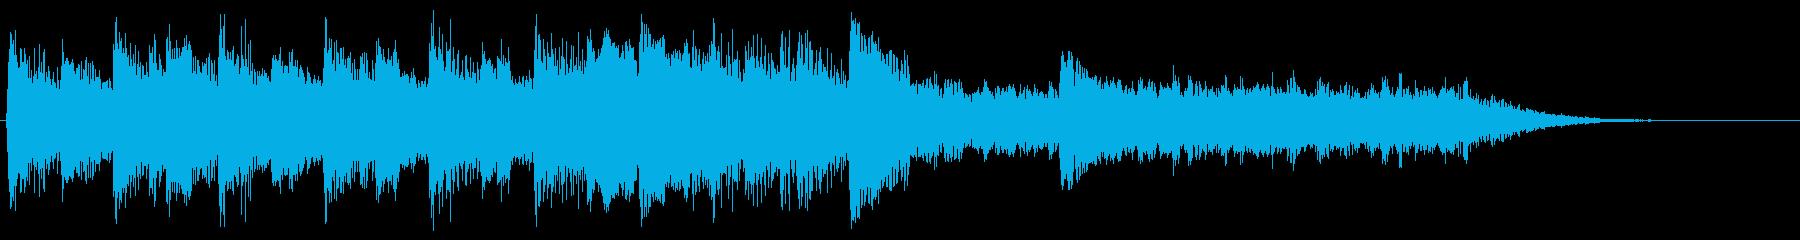 レトロな音のファンファーレ ピコピコ音の再生済みの波形